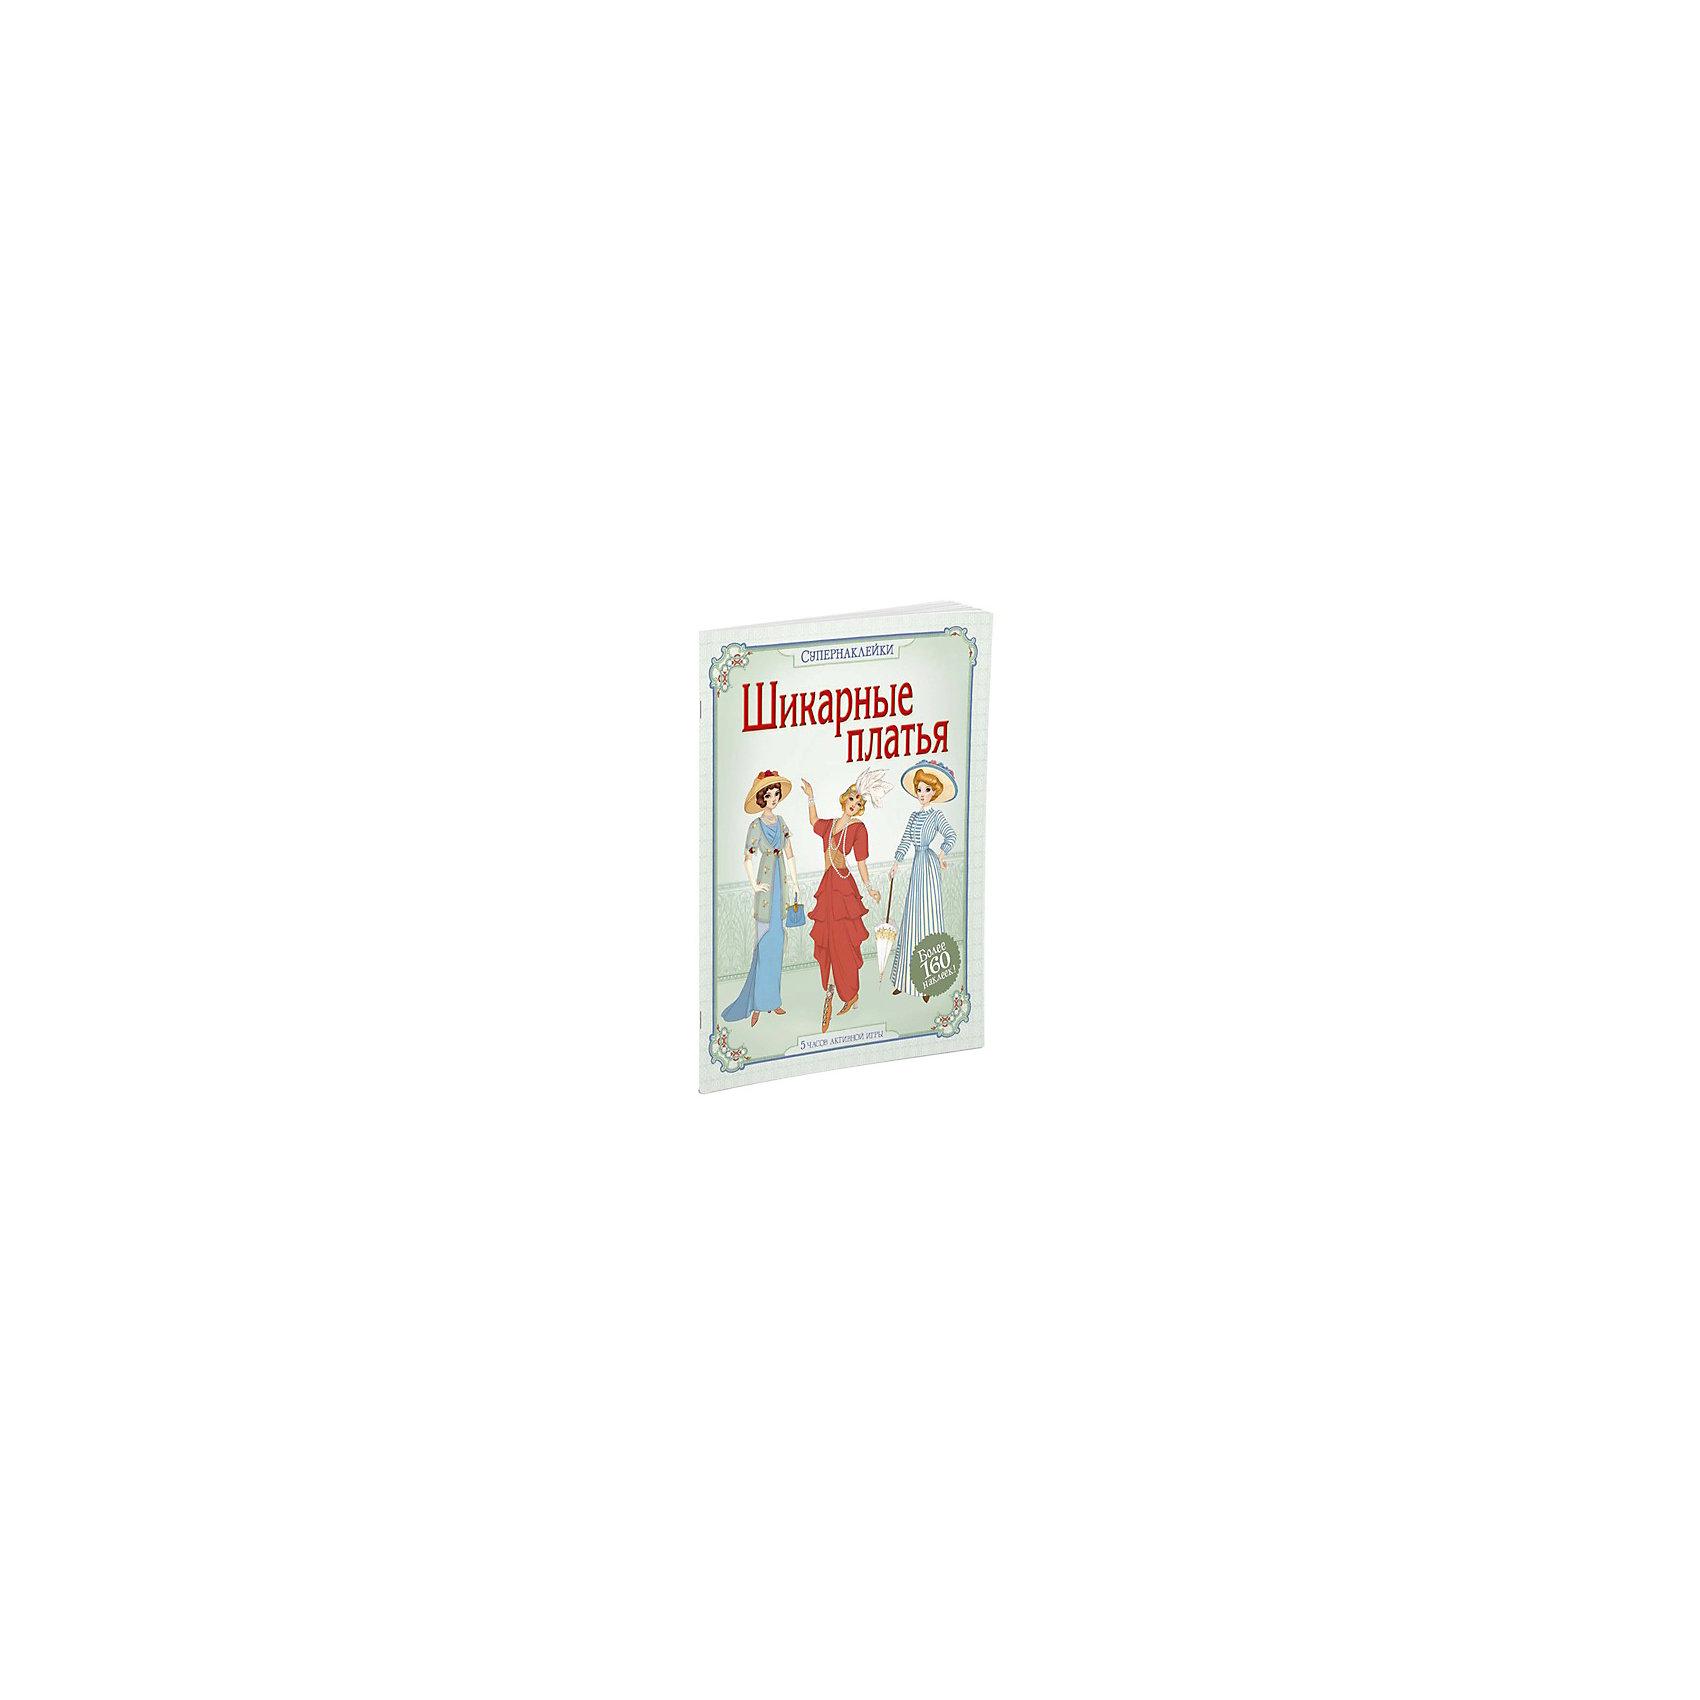 Наклейки Шикарные платья, MACHAONКнижки с наклейками<br>Книжка с наклейками Шикарные платья.<br><br>Характеристики:<br><br>• Автор: Боун Эмили<br>• Иллюстратор: Бурси Симона<br>• Переводчик: М. Торчинская<br>• Издательство: Махаон, 2016 год<br>• Серия: Супернаклейки<br>• Тип обложки: мягкий переплет (крепление скрепкой или клеем)<br>• Оформление: с наклейками (более 160 наклеек)<br>• Иллюстрации: цветные<br>• Количество страниц: 24<br>• Размер: 305x240x4 мм.<br>• Вес: 303 гр.<br>• ISBN: 9785389095854<br><br>Стань модельером начала ХХ века! С помощью наклеек подбери роскошные наряды для самых разных случаев: регаты, автомобильной прогулки, вечеринки в стиле ар-нуво, морского путешествия, скачек и танцев! Читаем и играем! Развиваем внимание, воображение, мелкую моторику и художественный вкус.<br><br>Книжку с наклейками Шикарные платья можно купить в нашем интернет-магазине.<br><br>Ширина мм: 305<br>Глубина мм: 240<br>Высота мм: 40<br>Вес г: 303<br>Возраст от месяцев: 12<br>Возраст до месяцев: 36<br>Пол: Женский<br>Возраст: Детский<br>SKU: 5493467